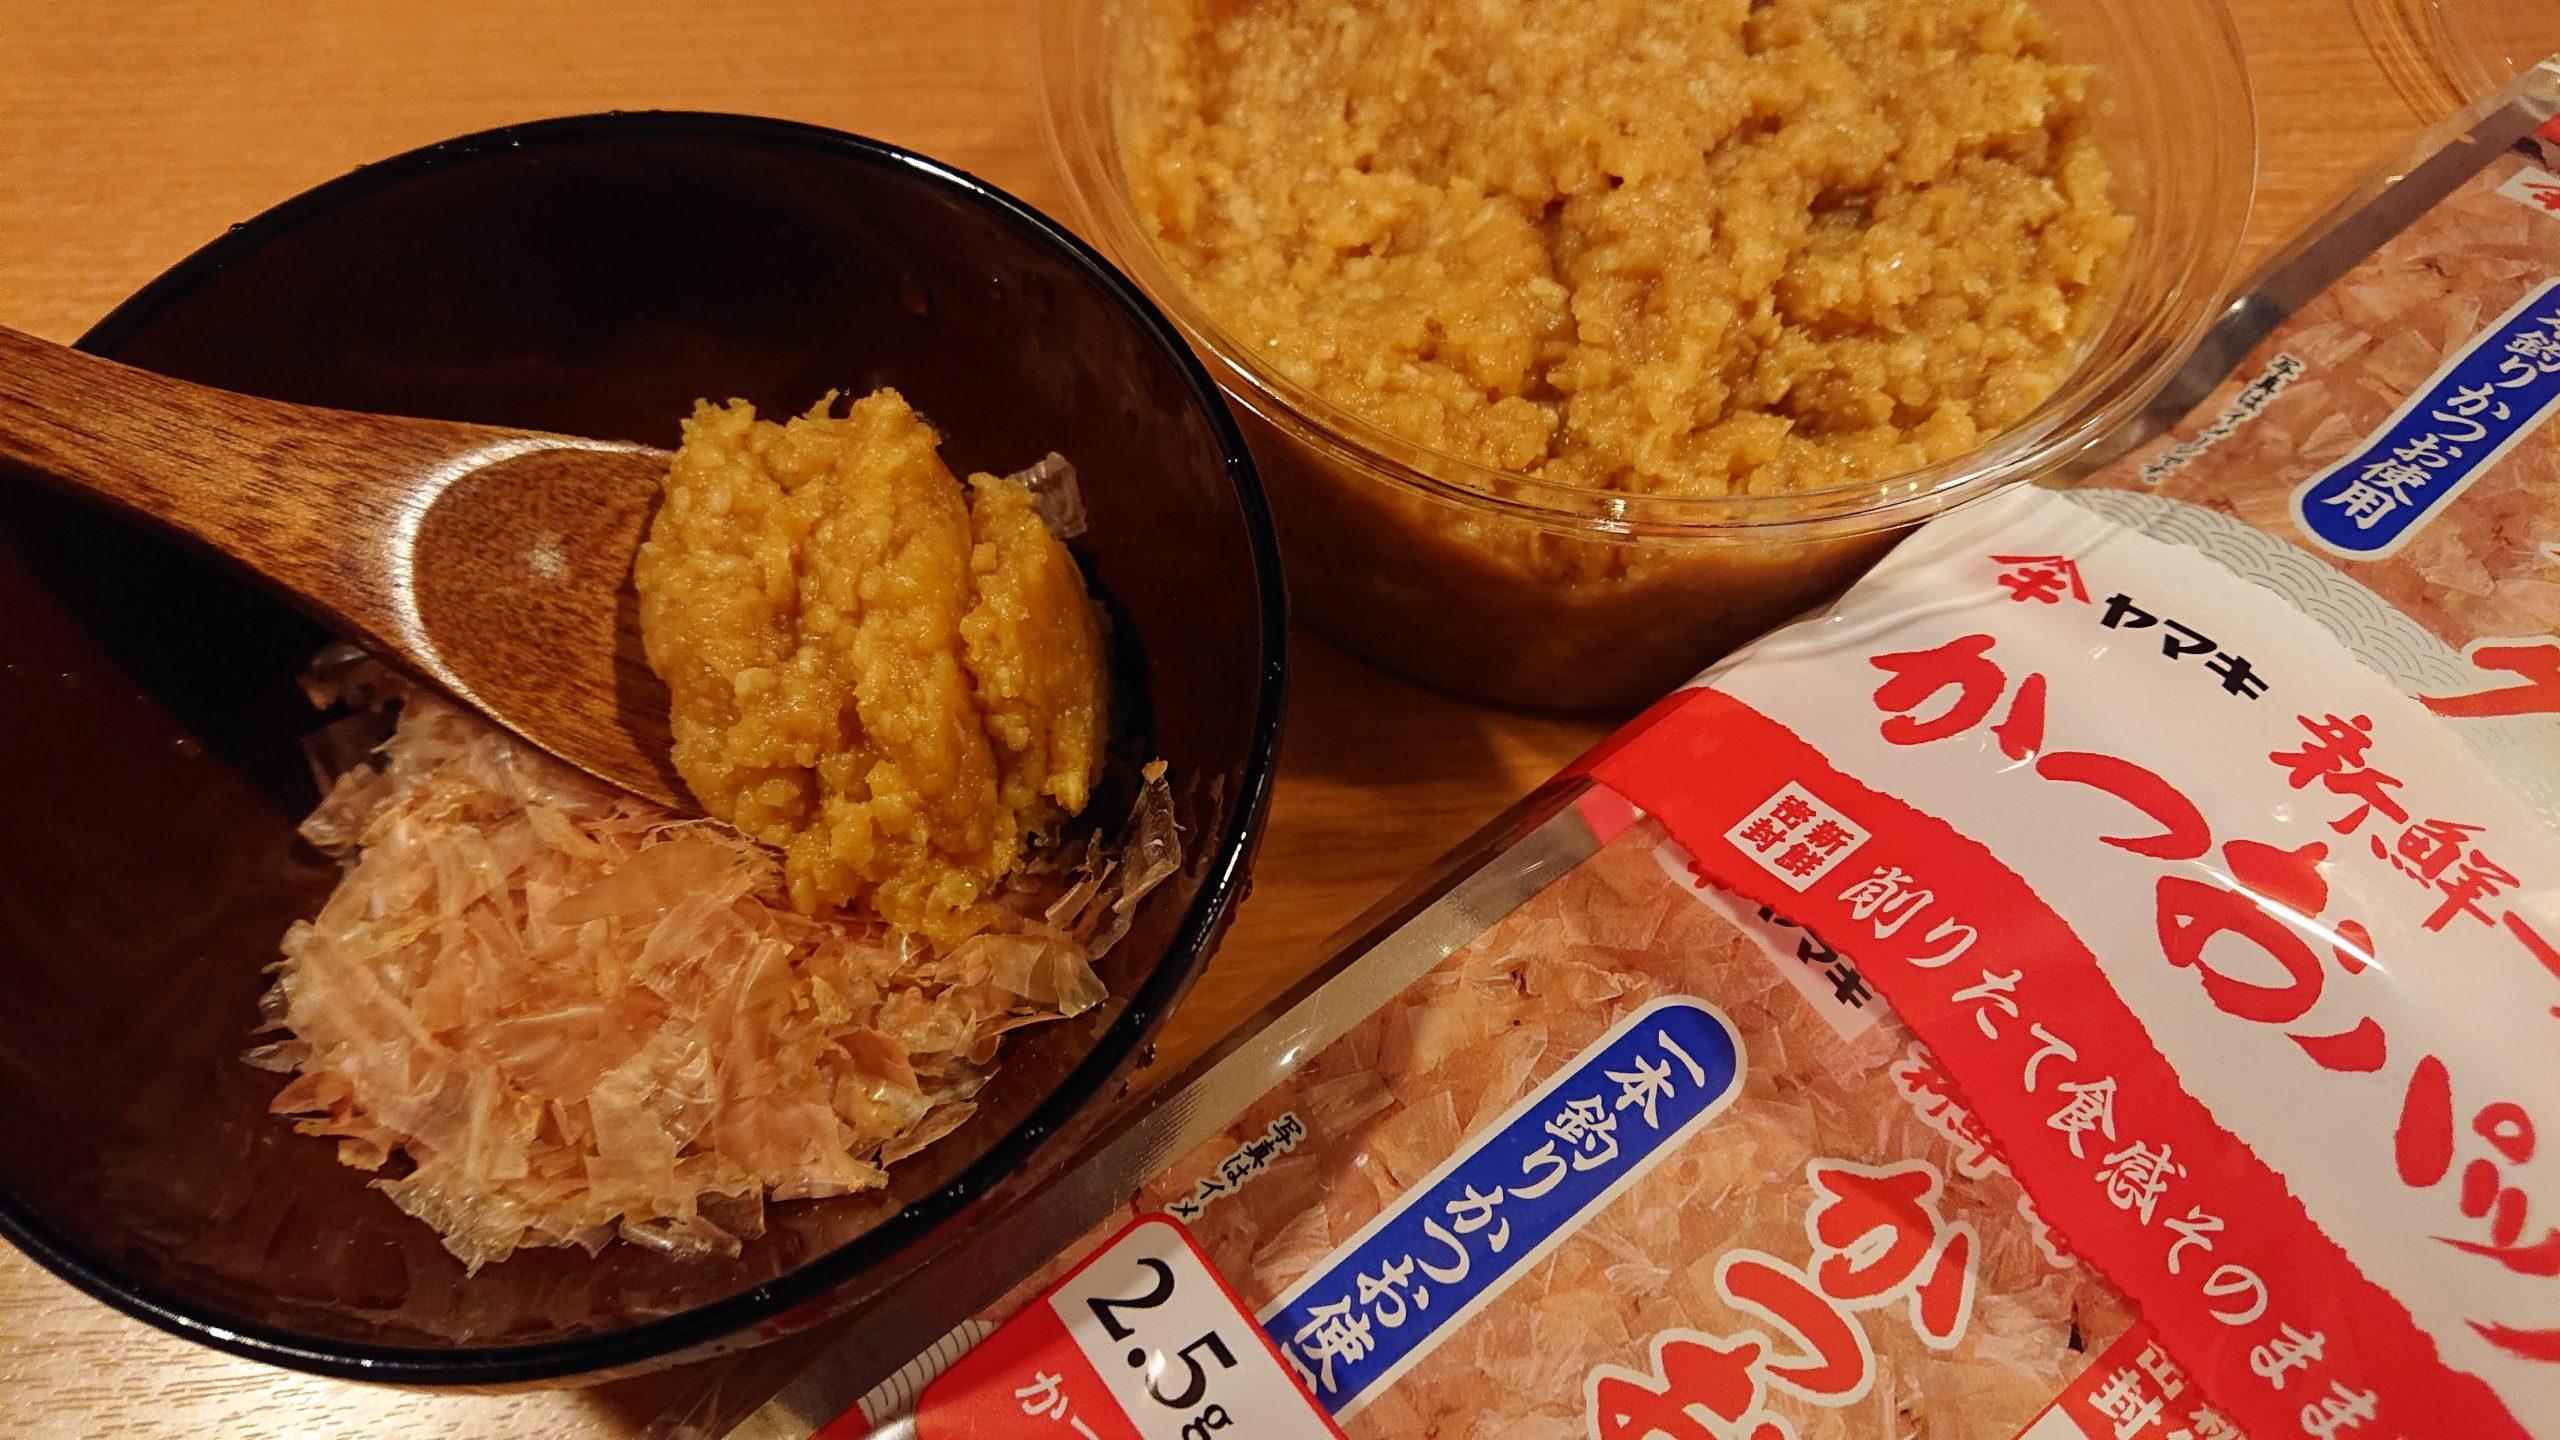 沖縄の即席味噌汁「かちゅーゆ」を取り入れながら 毎日味噌汁習慣を♪